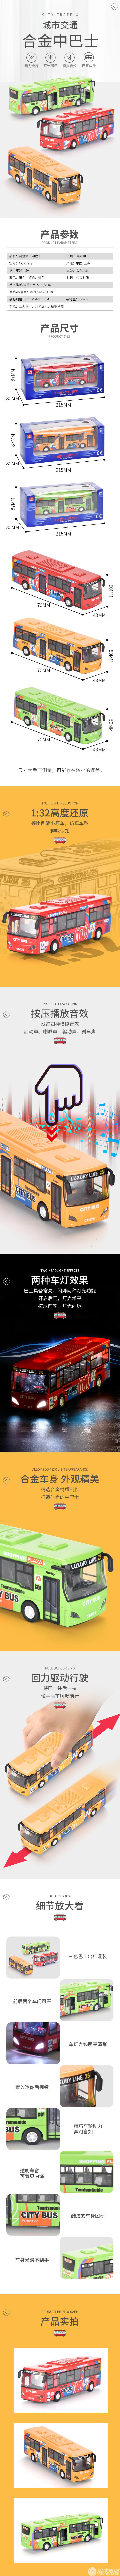 美乐琪玩具厂-(677-2)-合金城市中巴士-中文版详情页.jpg